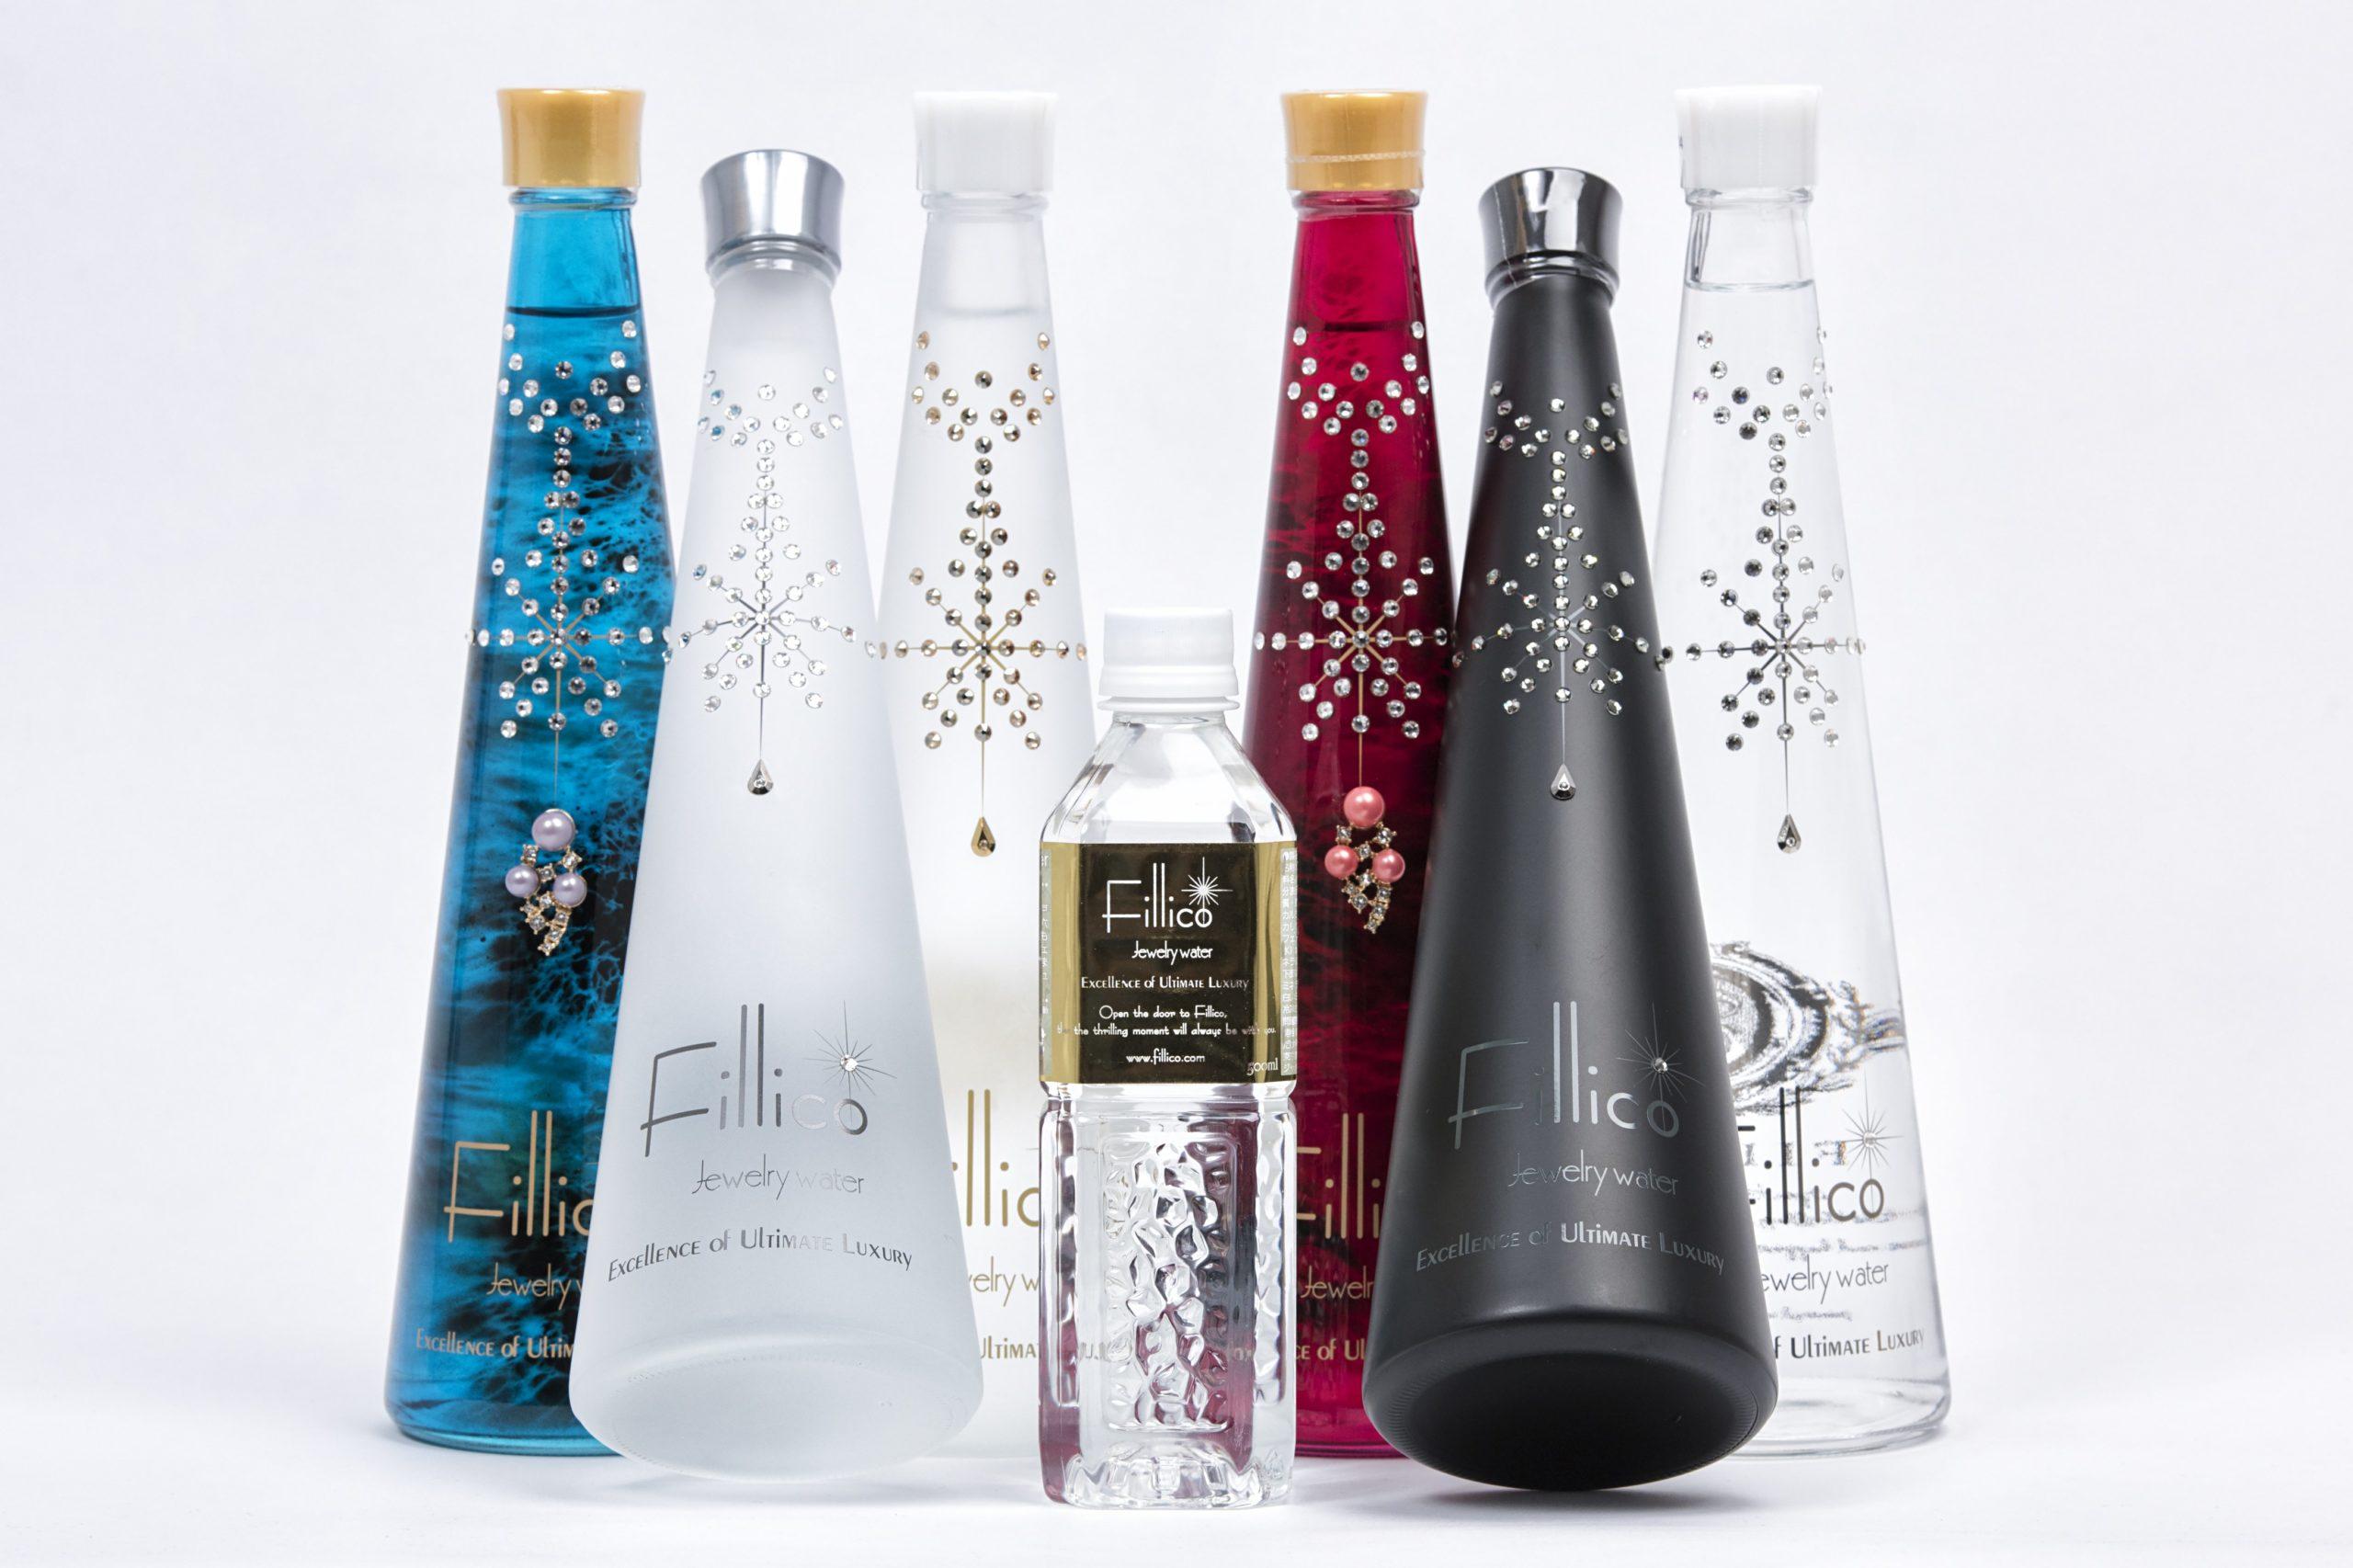 Fillico eau plus chère monde bouteille luxe or